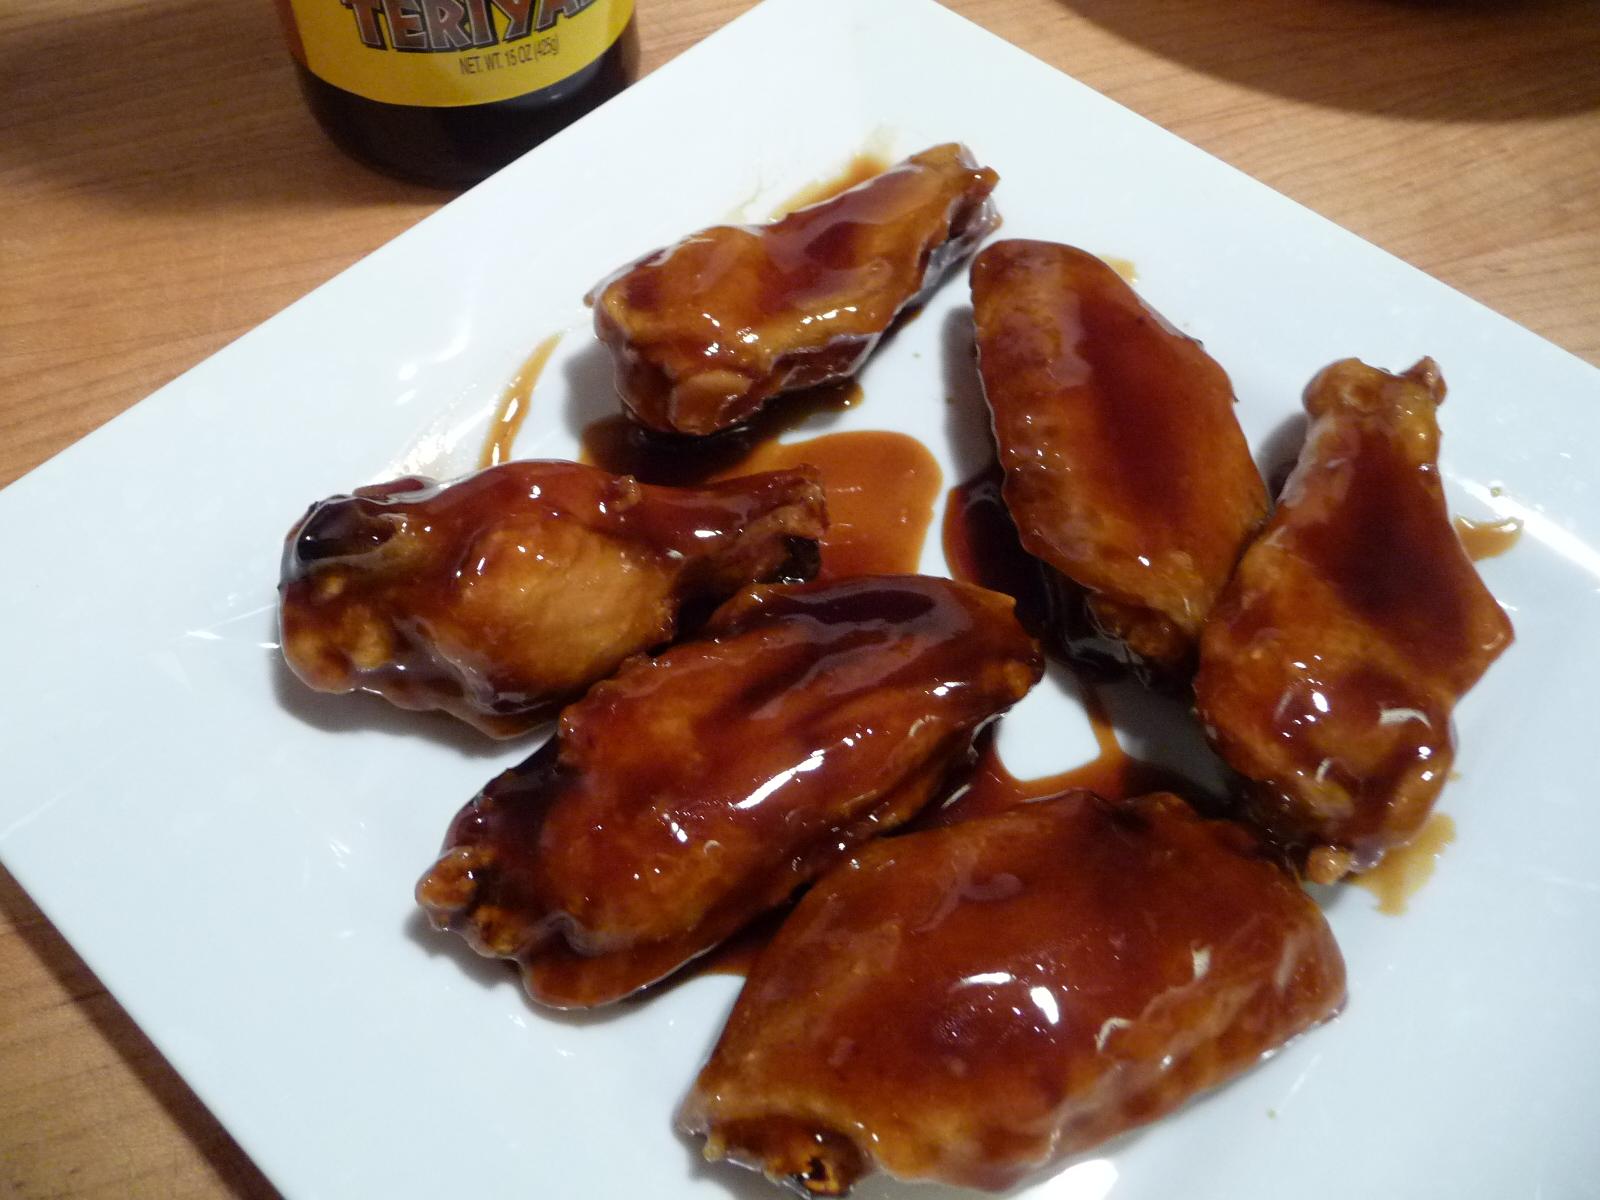 wy's teriyaki sauce on wings